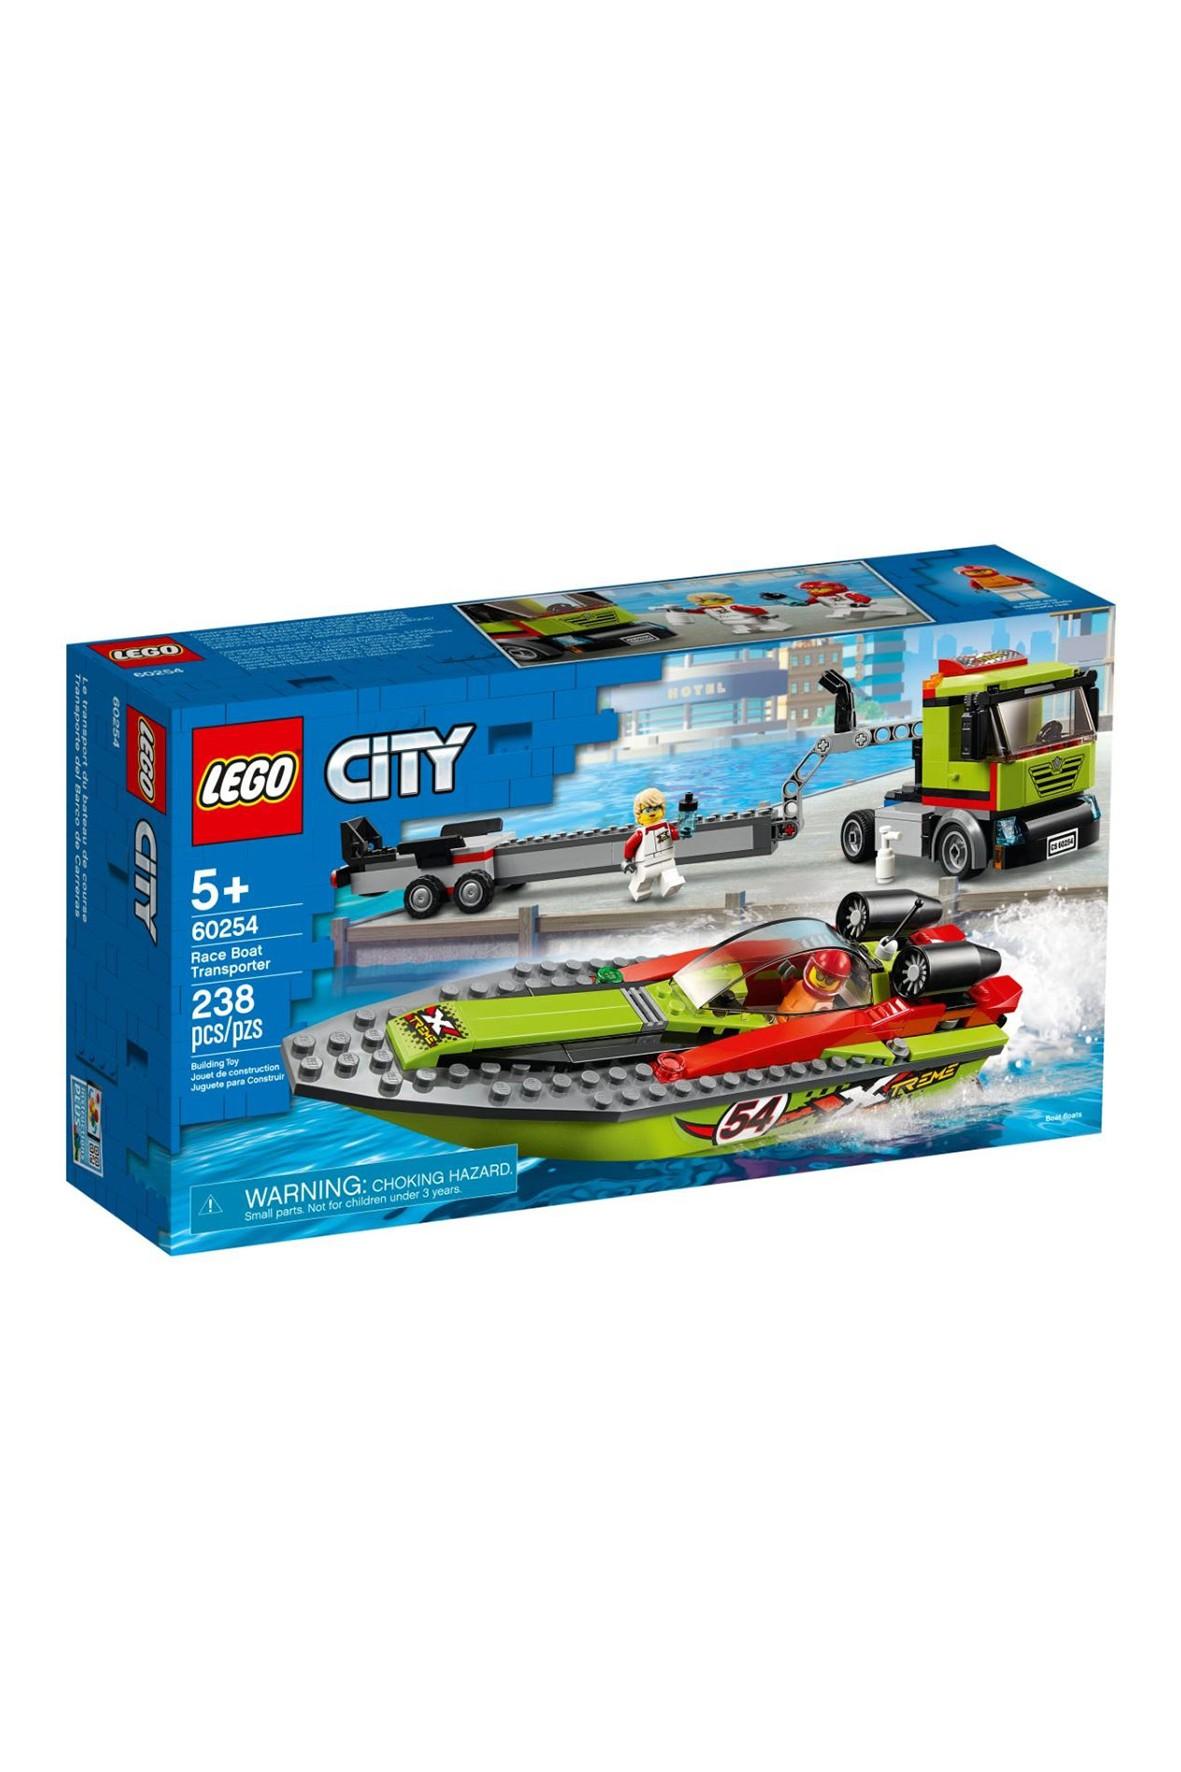 Lego City - Transporter łodzi wyścigowej - 238 el wiek 5+